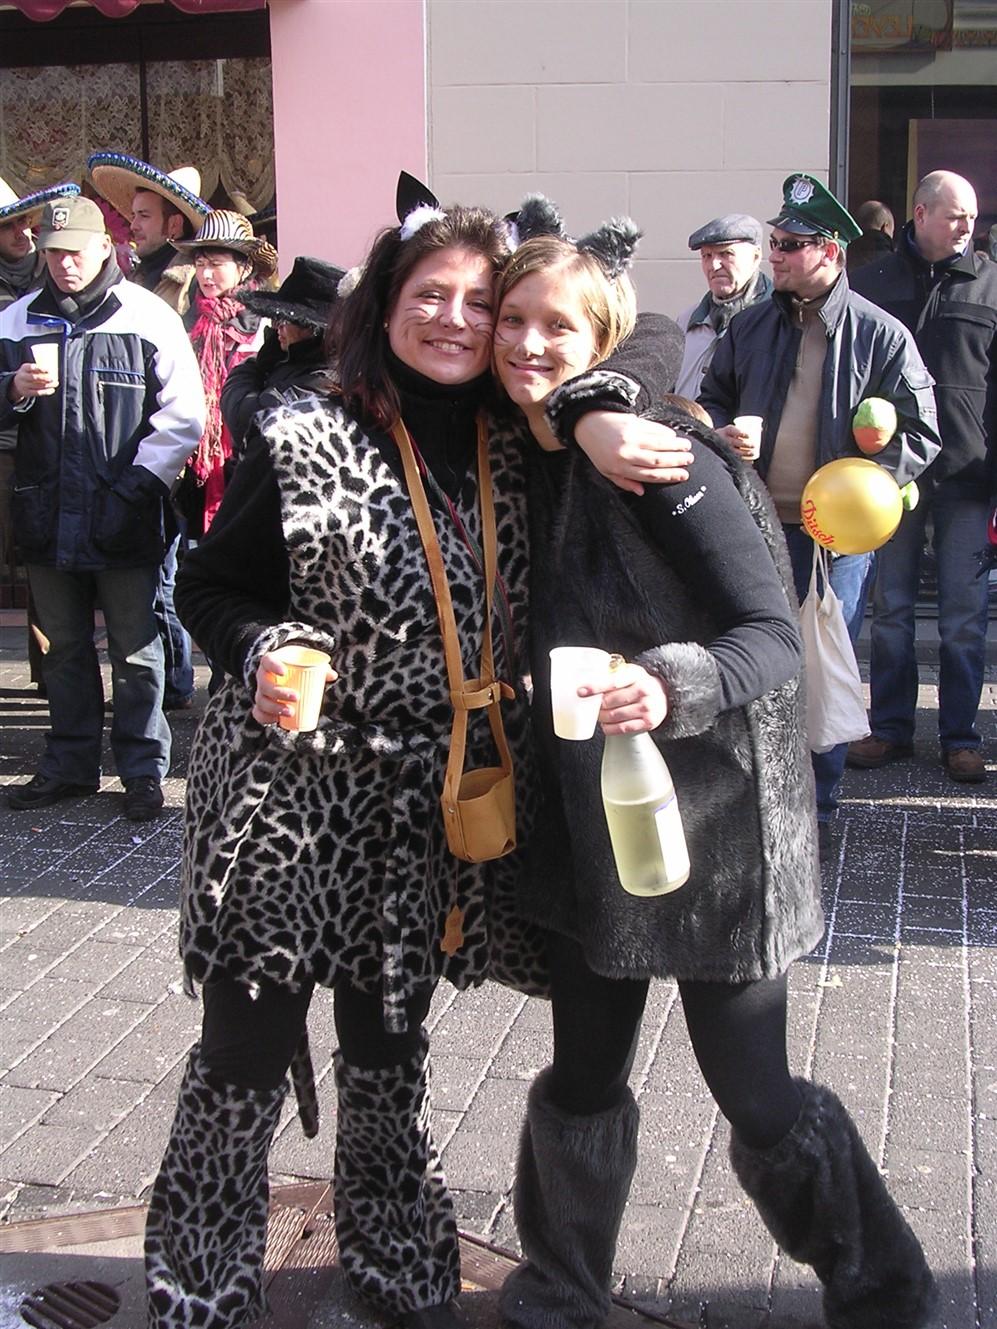 2006 02 27 Trier Germany Rosenmontagszug 57.jpg